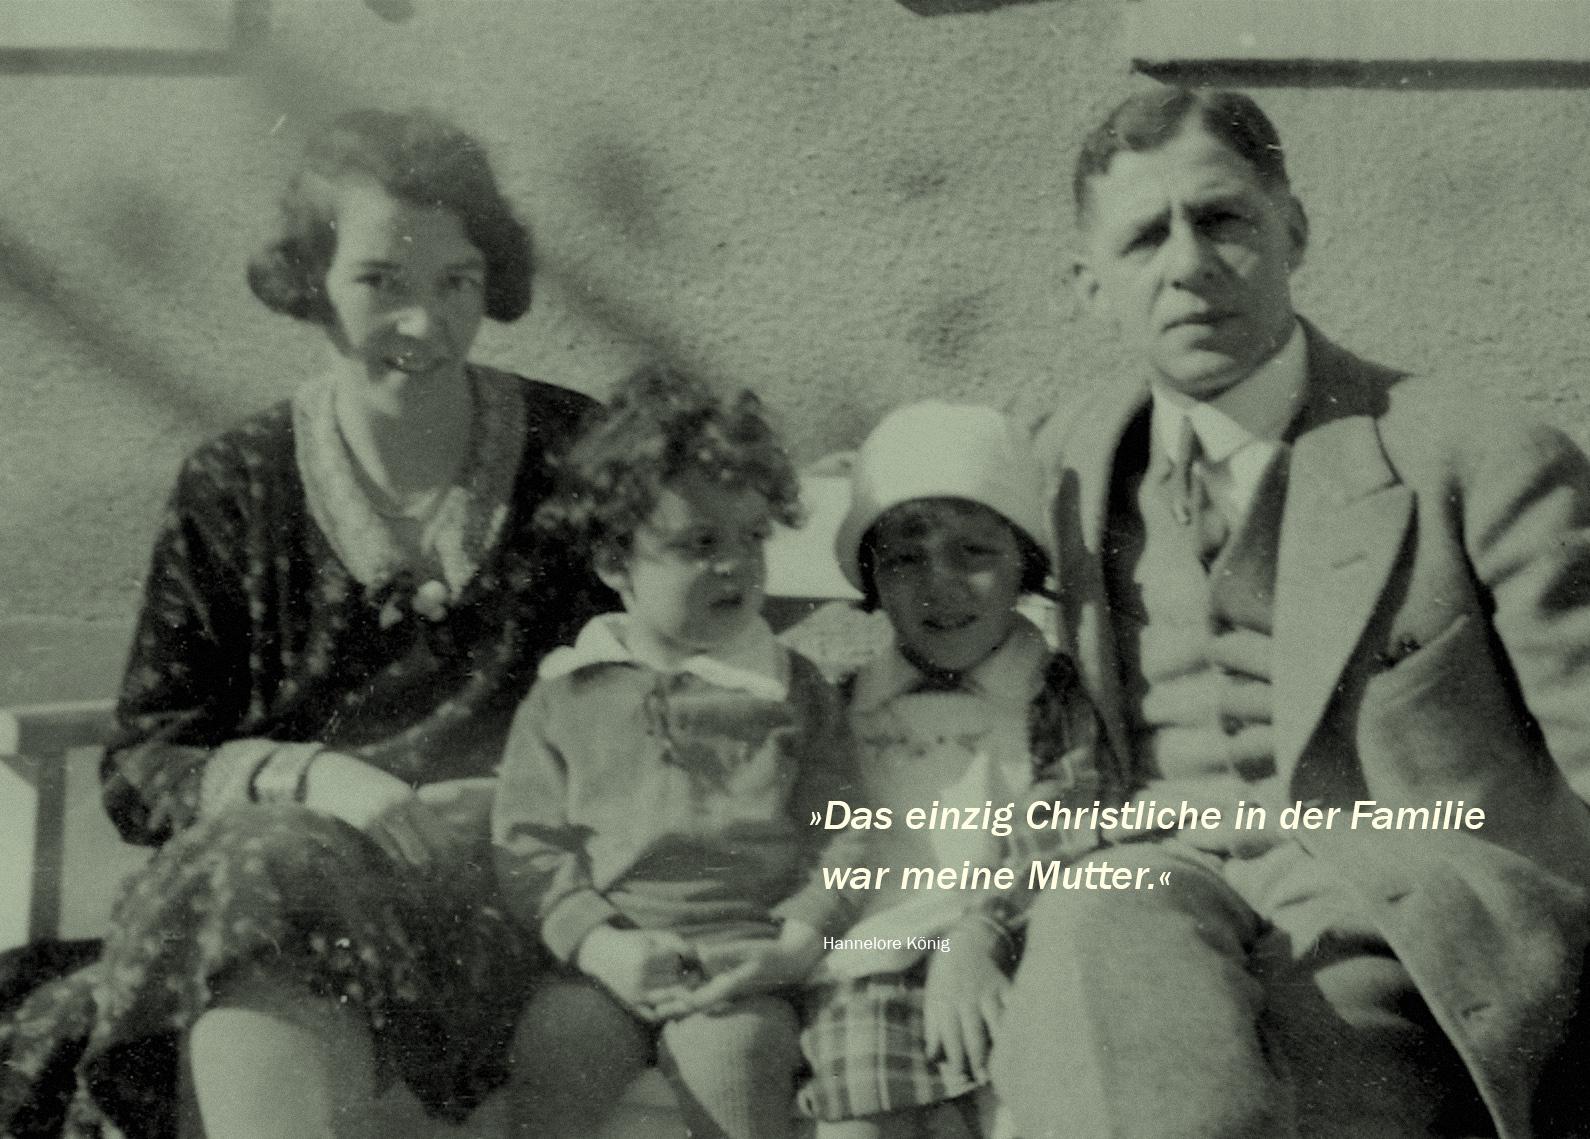 Dies ist das einzige Foto, das die ganze Familie Wolf vereint zeigt.  Auguste, Gert, Hannelore und Nathan Wolf, ca. 1930.